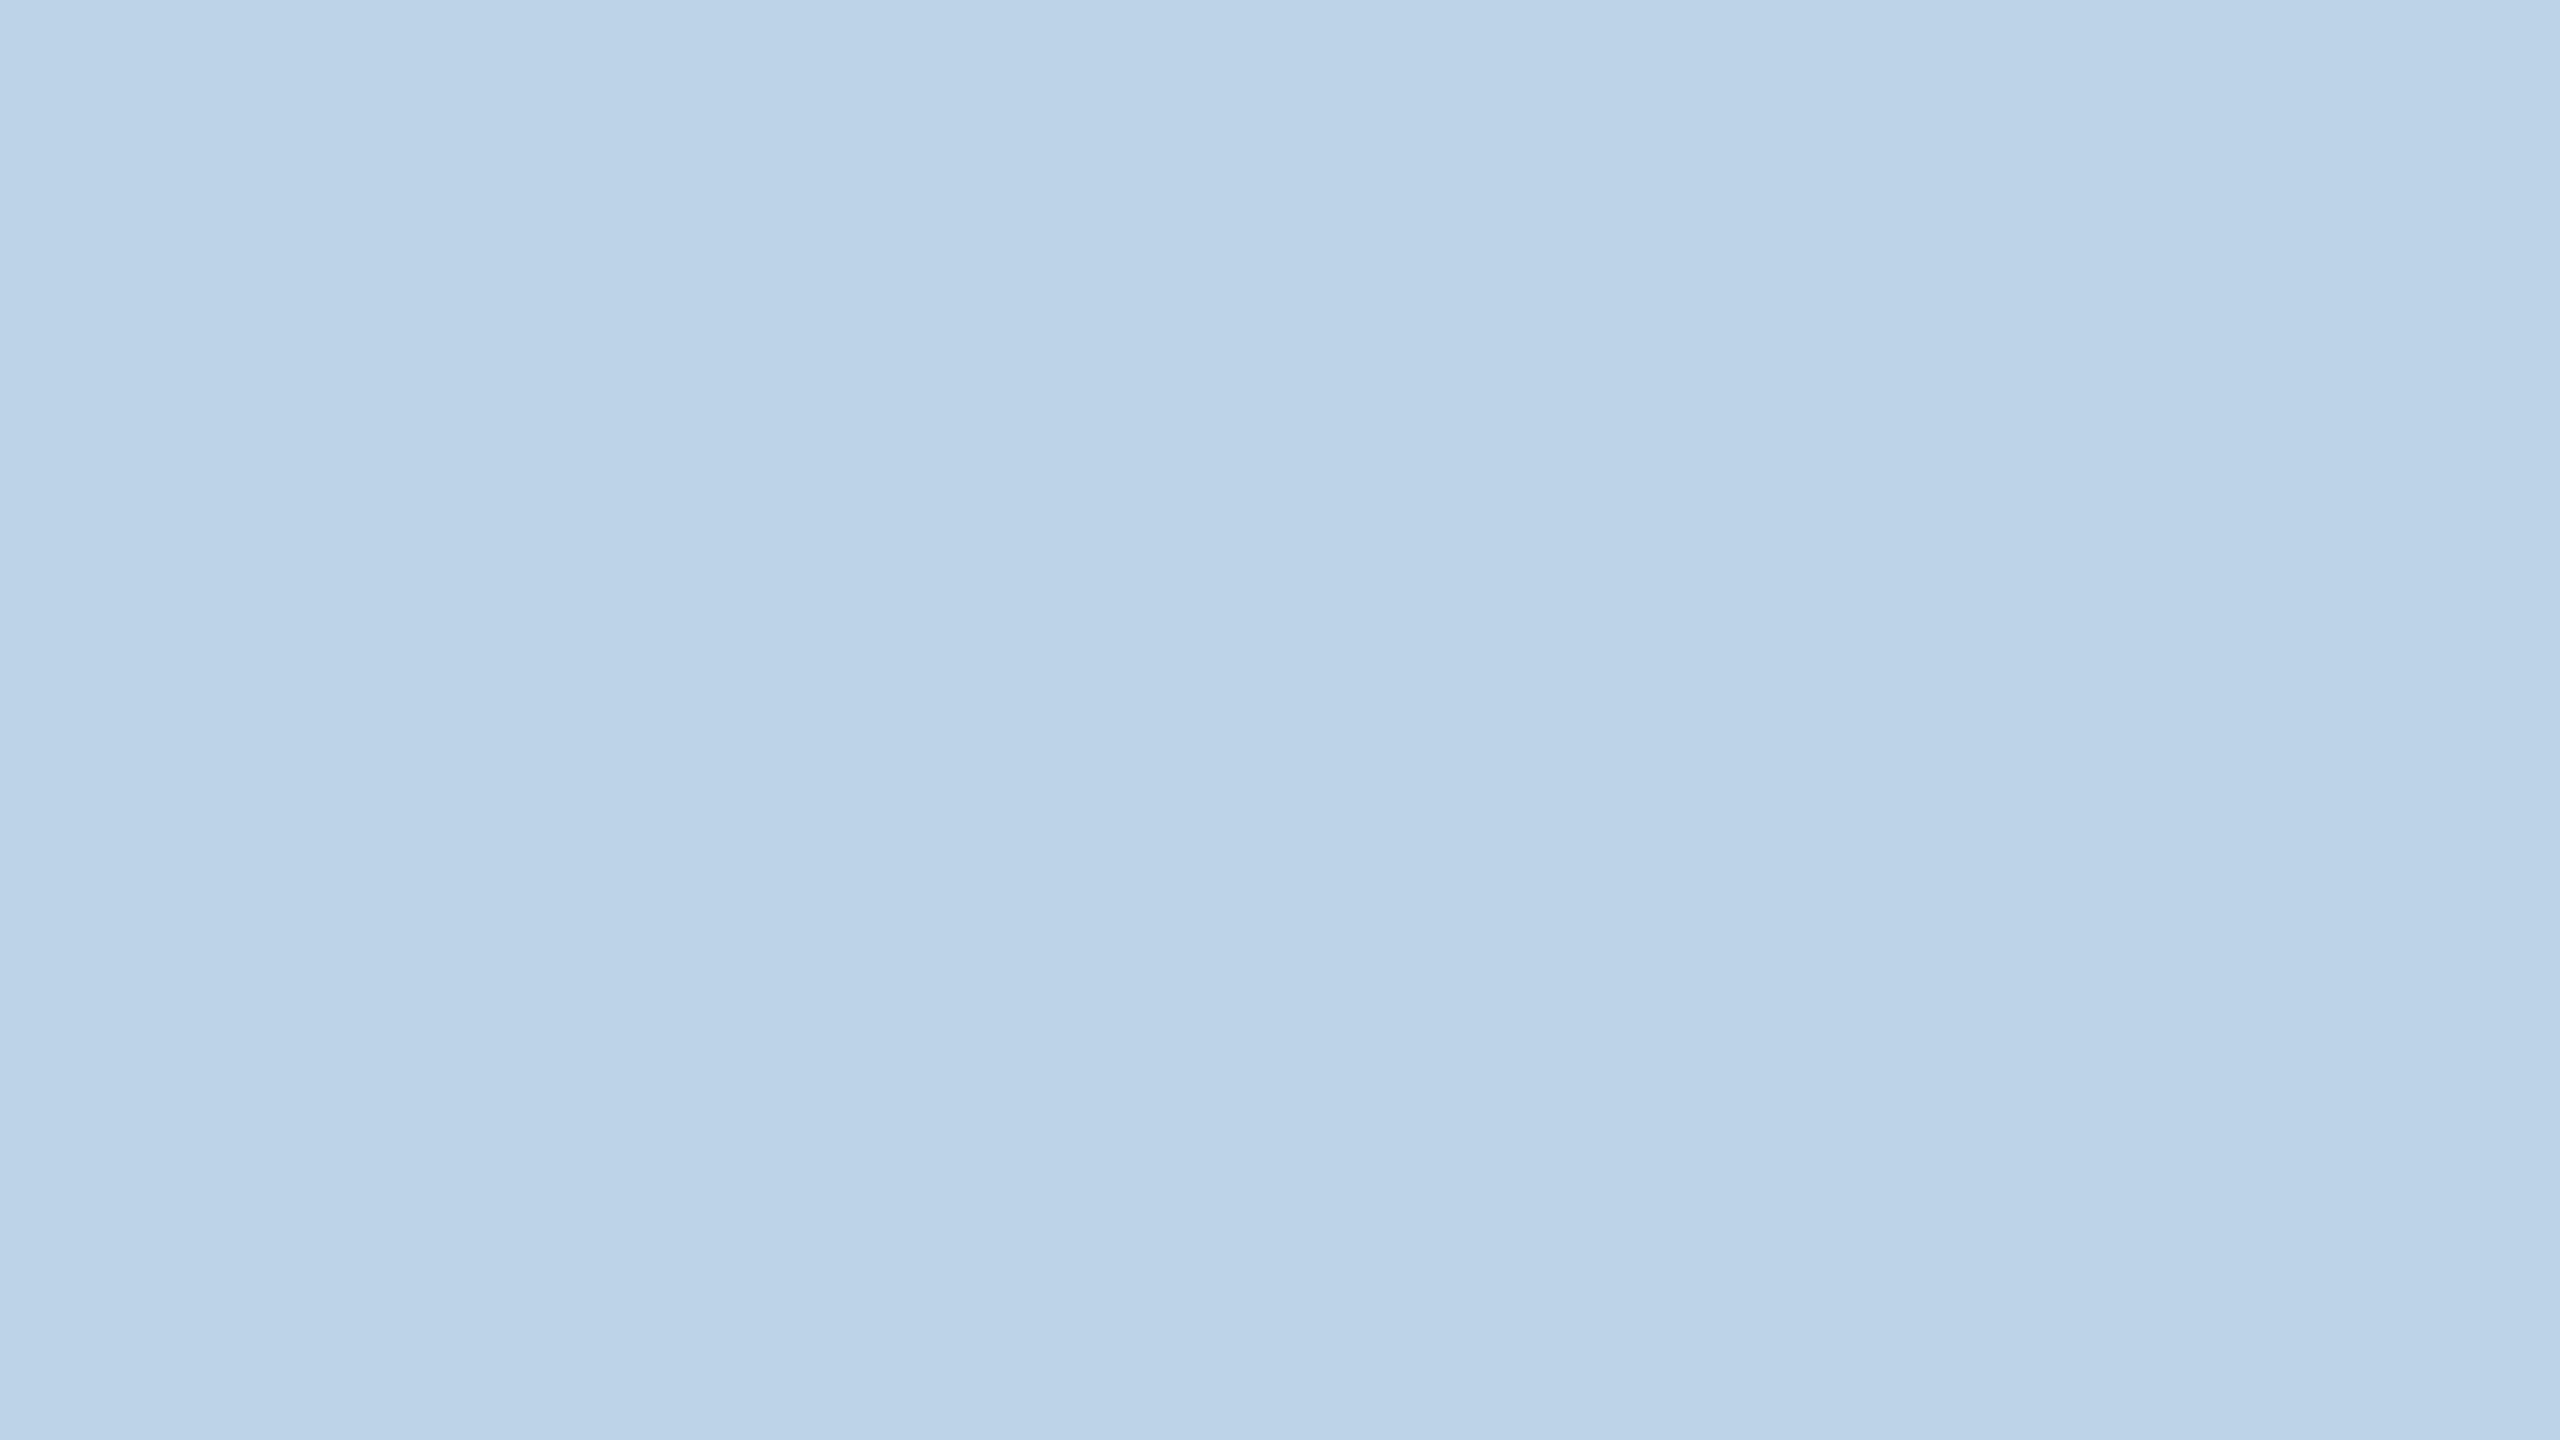 2560x1440 Pale Aqua Solid Color Background